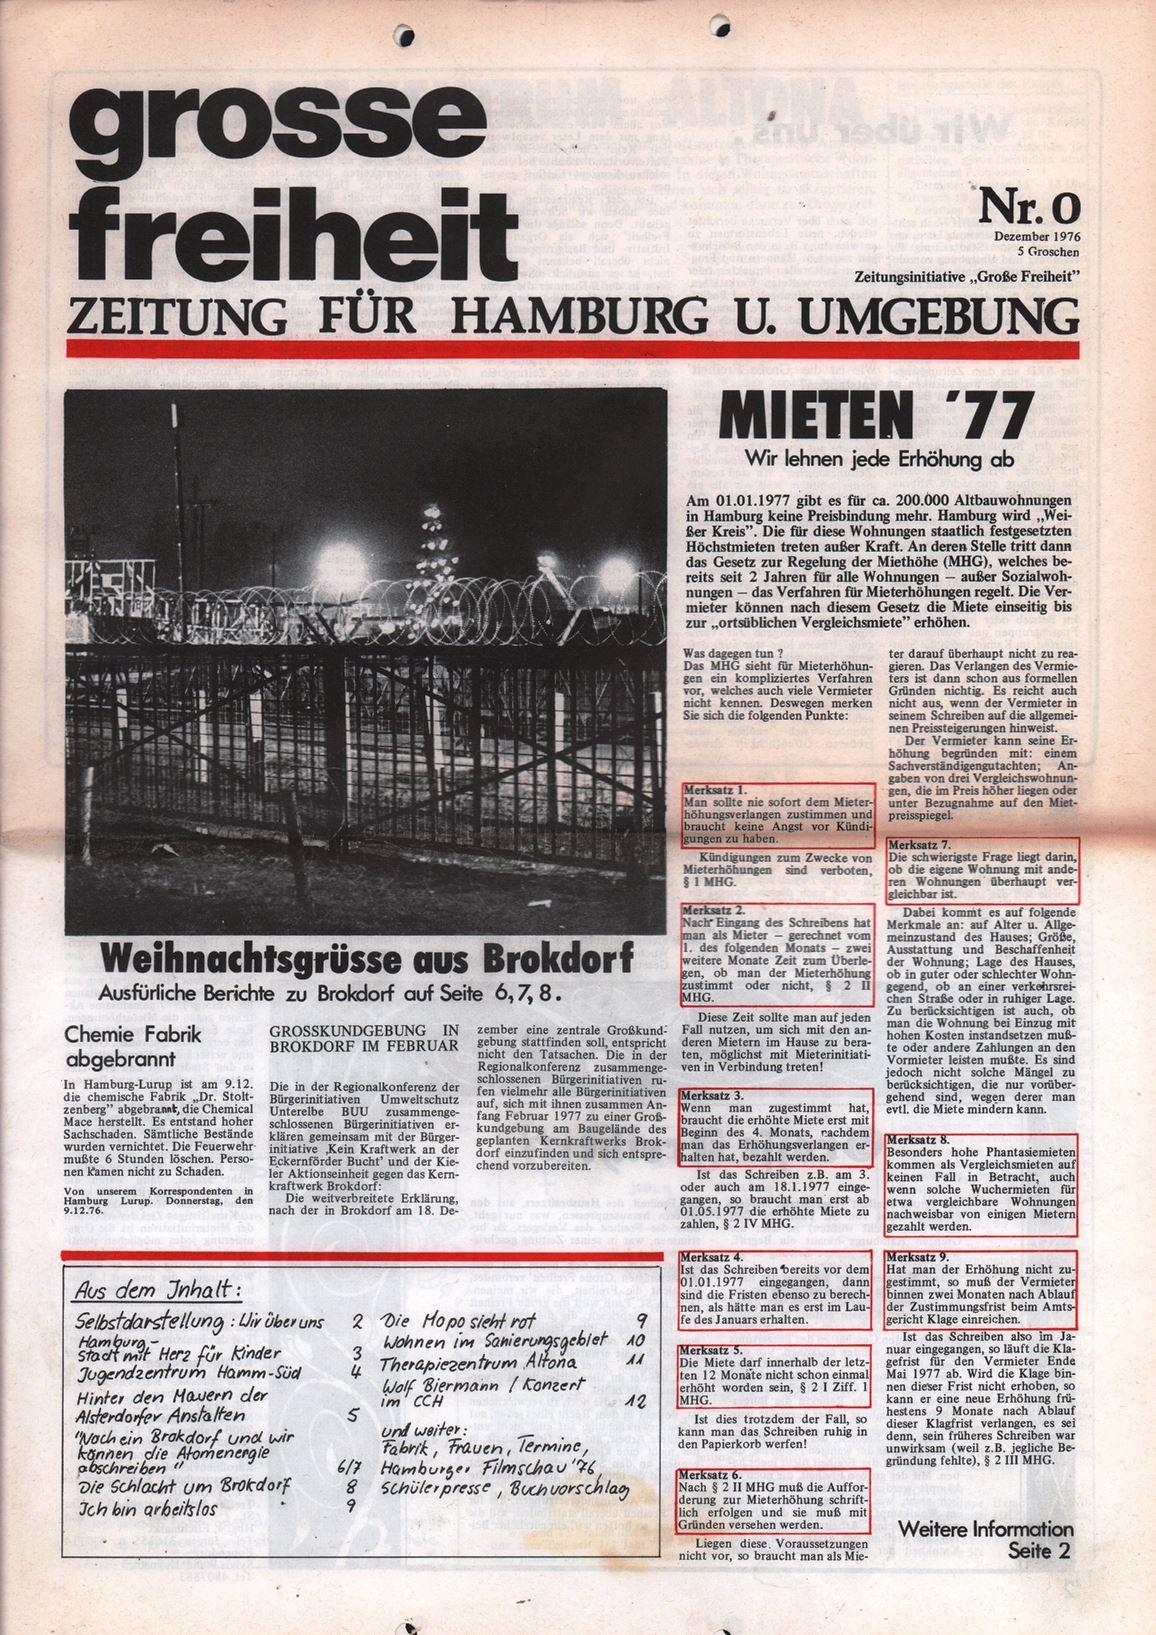 Hamburg_Grosse_Freiheit001